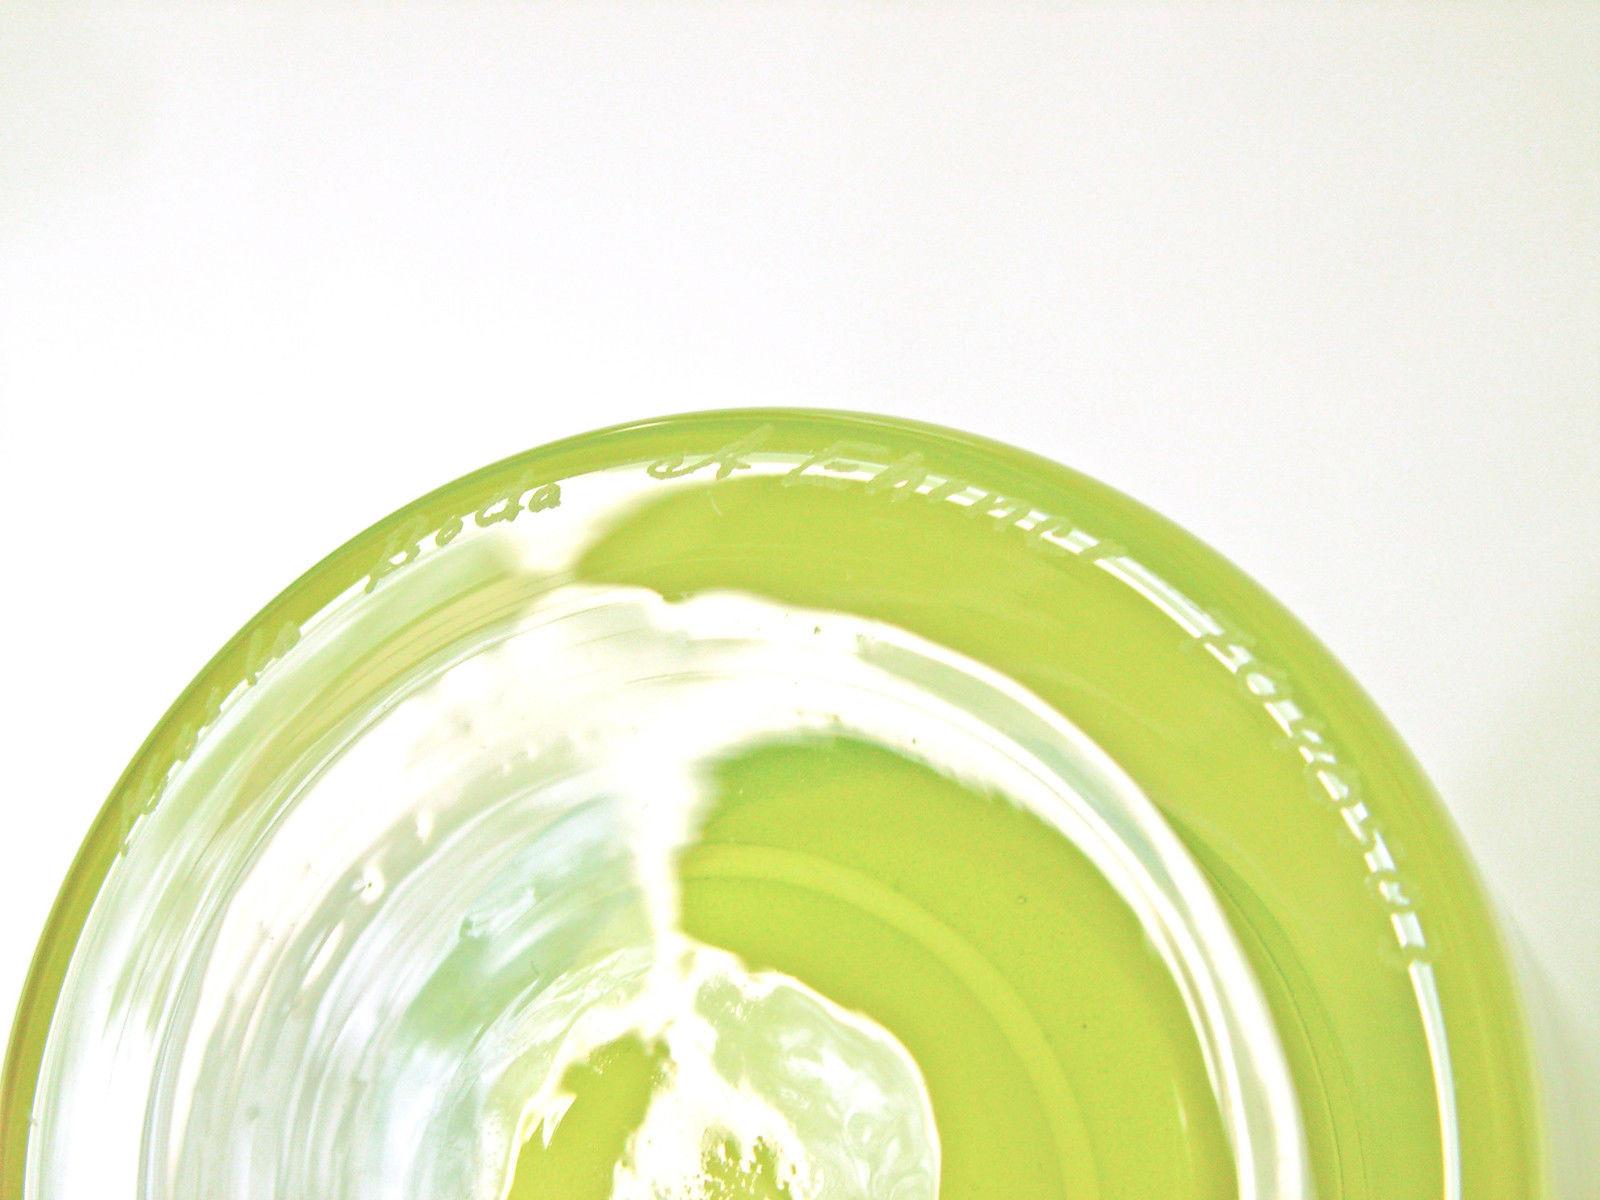 kosta boda tulipa vase of kosta boda swedish crystal anna ehrner samoa vase lime nib 120 00 with regard to 5 of 12 kosta boda swedish crystal anna ehrner samoa vase lime nib 6 of 12 kosta boda